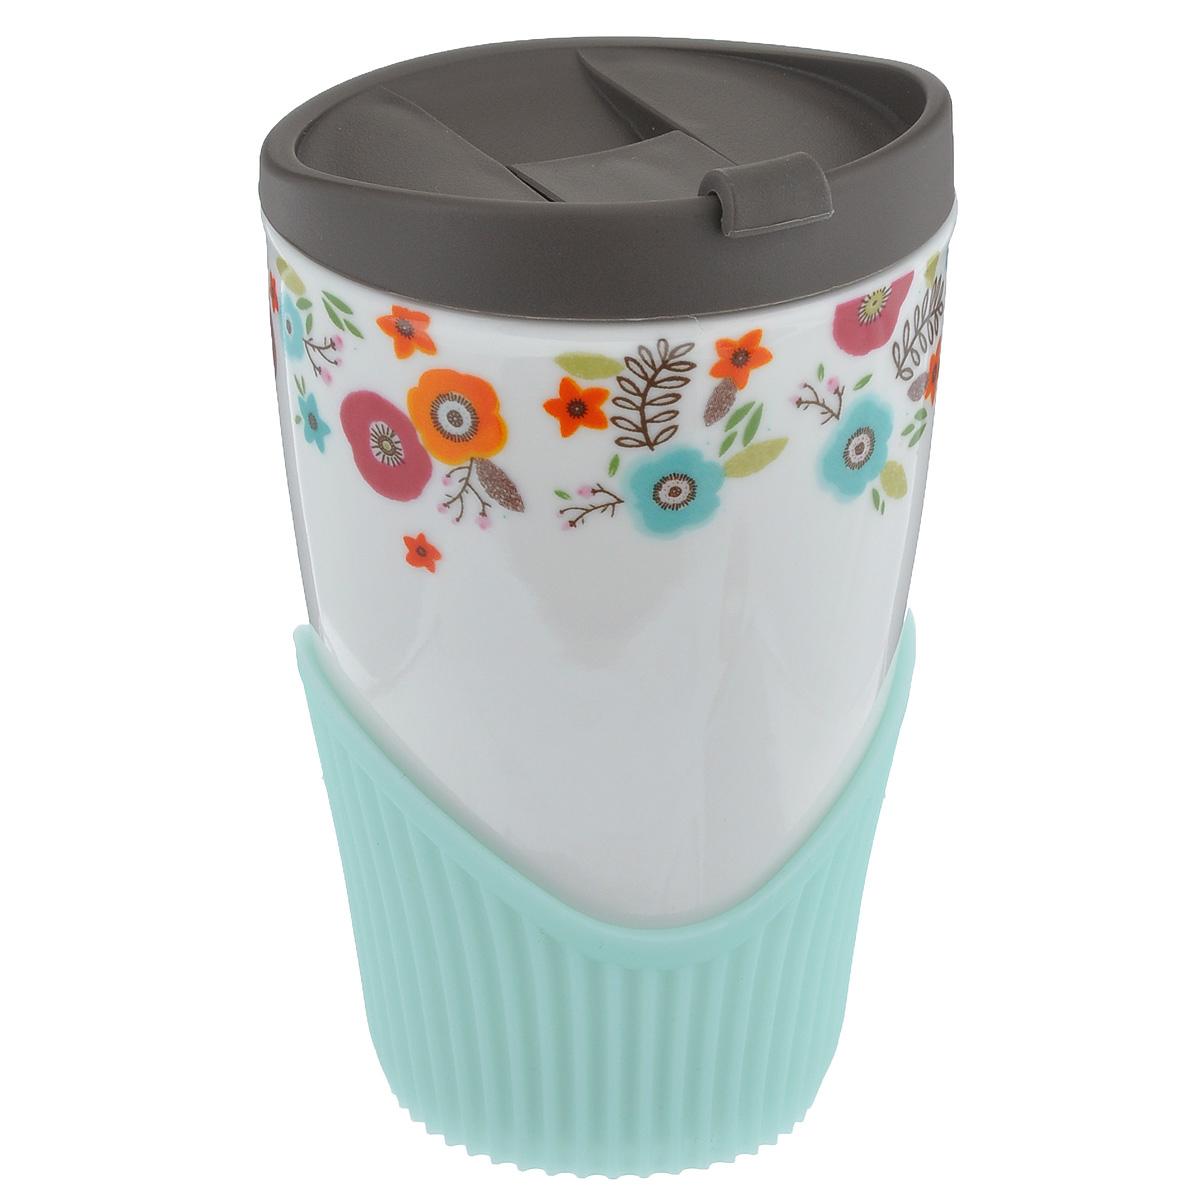 Кружка Frybest Spring, 410 мл115610Кружка Frybest Spring выполнена из высококачественного фарфора и украшена ярким цветочным рисунком. Имеется пластиковая крышка с питьевым клапаном, который легко открывается и закрывается нажатием одного пальца. Внизу имеется силиконовый ободок за который будет удобно держать кружку. Теперь вы можете наслаждаться своим любимым холодным или горячим напитком в любом месте. Не подвергайте кружку термошоку, резкая перемена температуры может стать причиной трещин. Можно мыть в посудомоечной машине на верхней полке. Объем: 410 мл. Высота кружки (без учета крышки): 13 см. Диаметр по верхнему краю: 8 см.